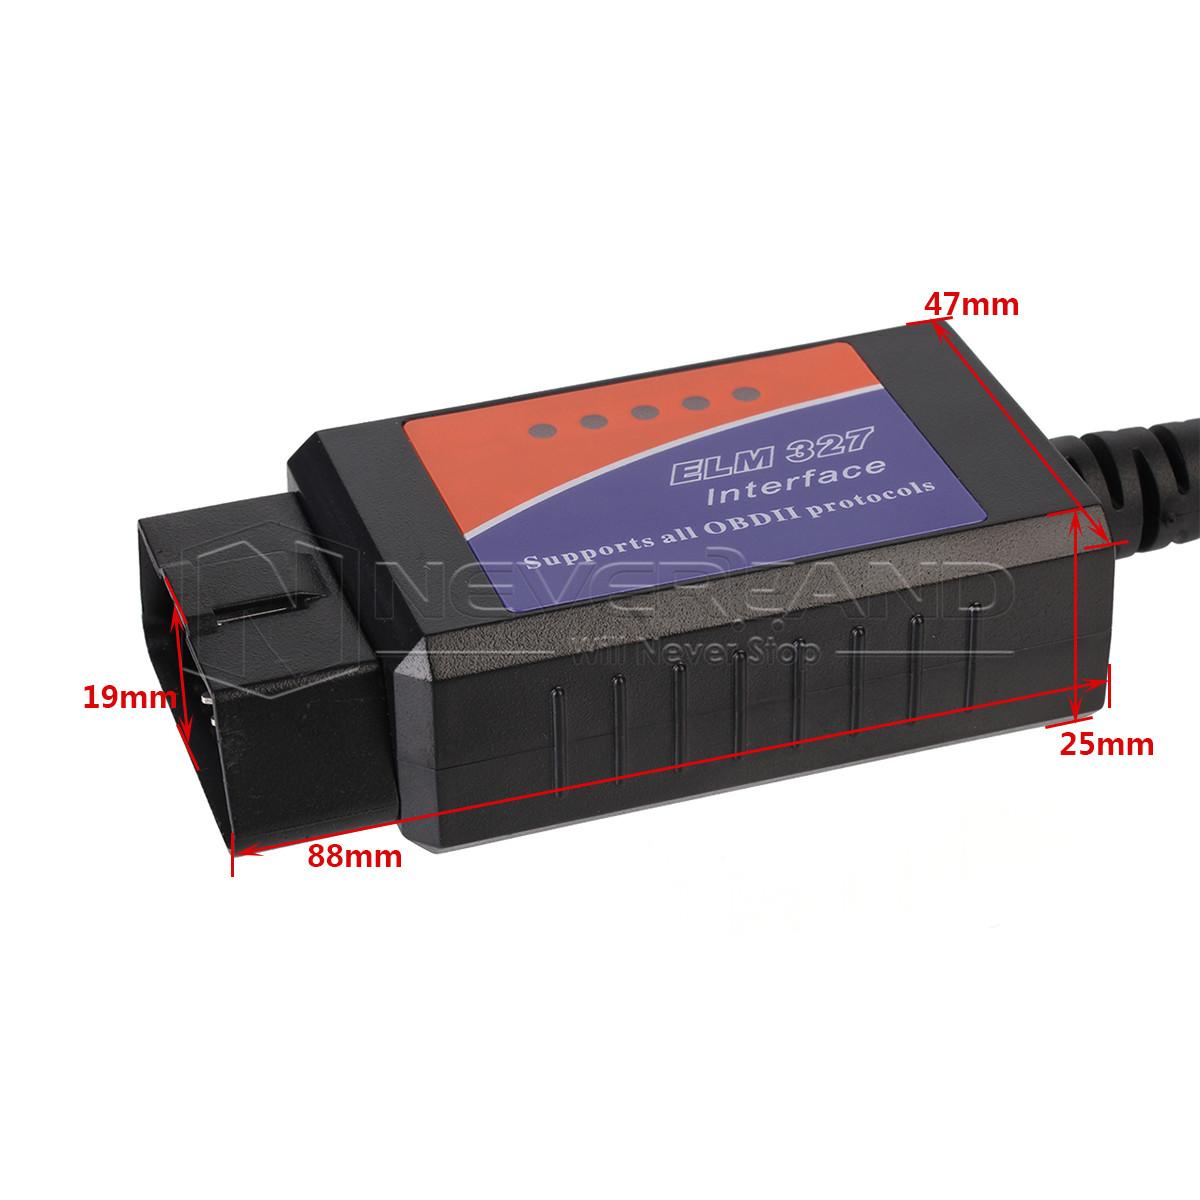 elm327 usb interface obdii obd2 diagnostic car code scanner wired cd driver ebay. Black Bedroom Furniture Sets. Home Design Ideas